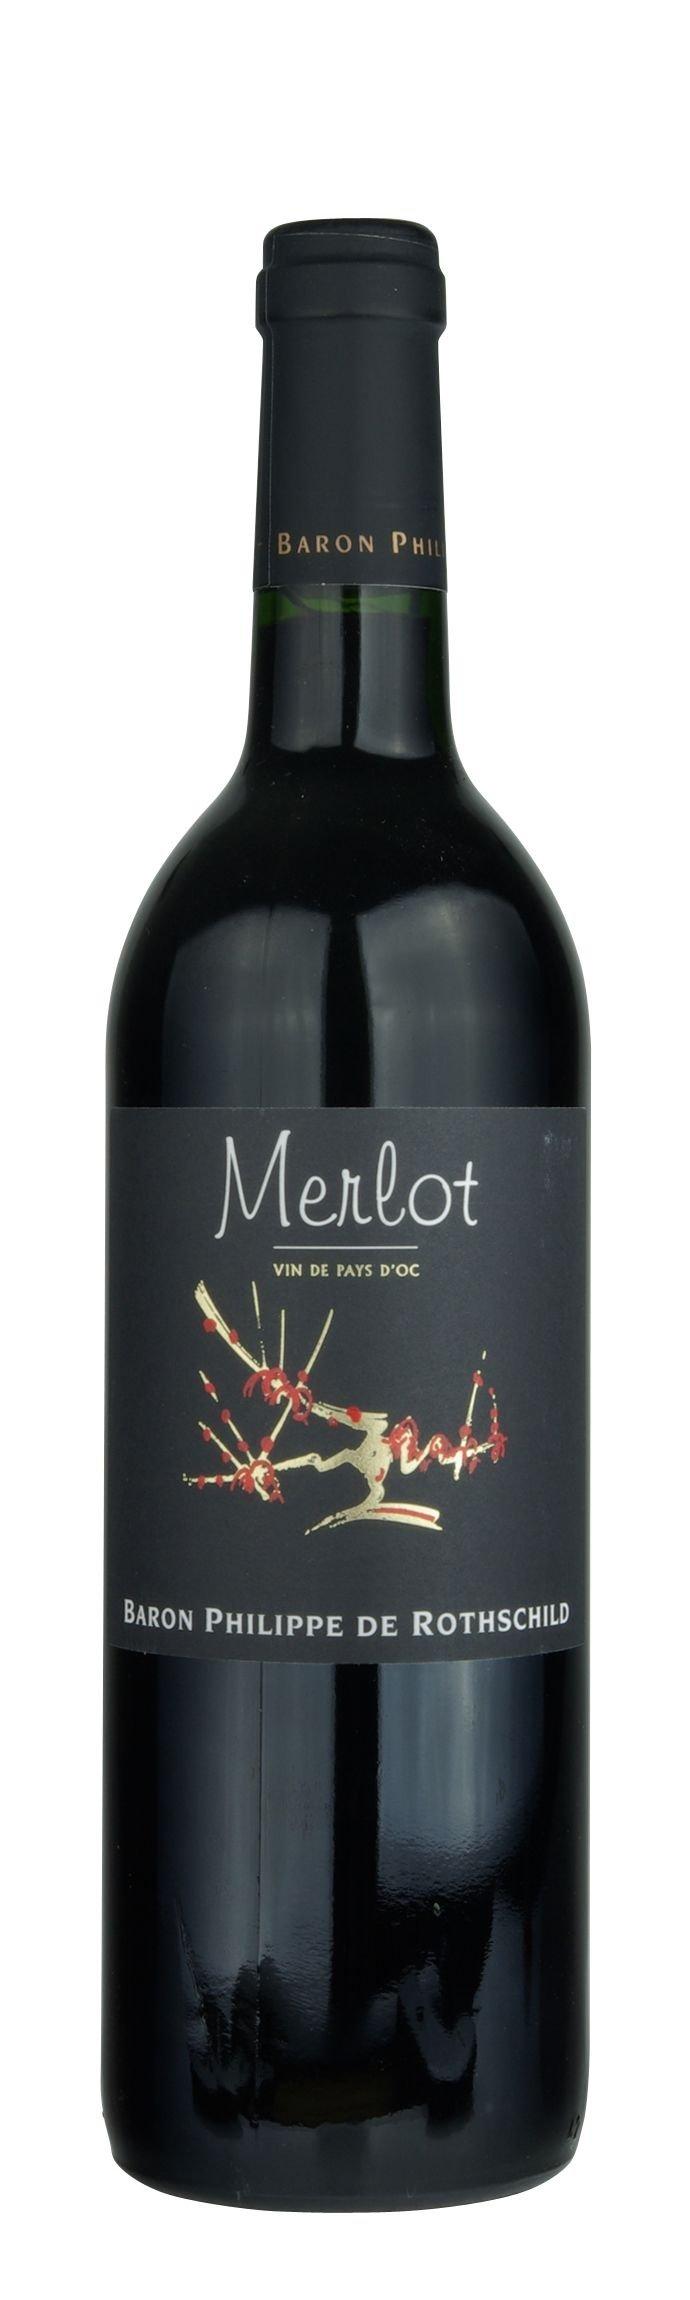 Les-Cepages-2017-Merlot-Pays-d-Oc-Rotwein-trocken-Baron-Philippe-de-Rothschild-075-L